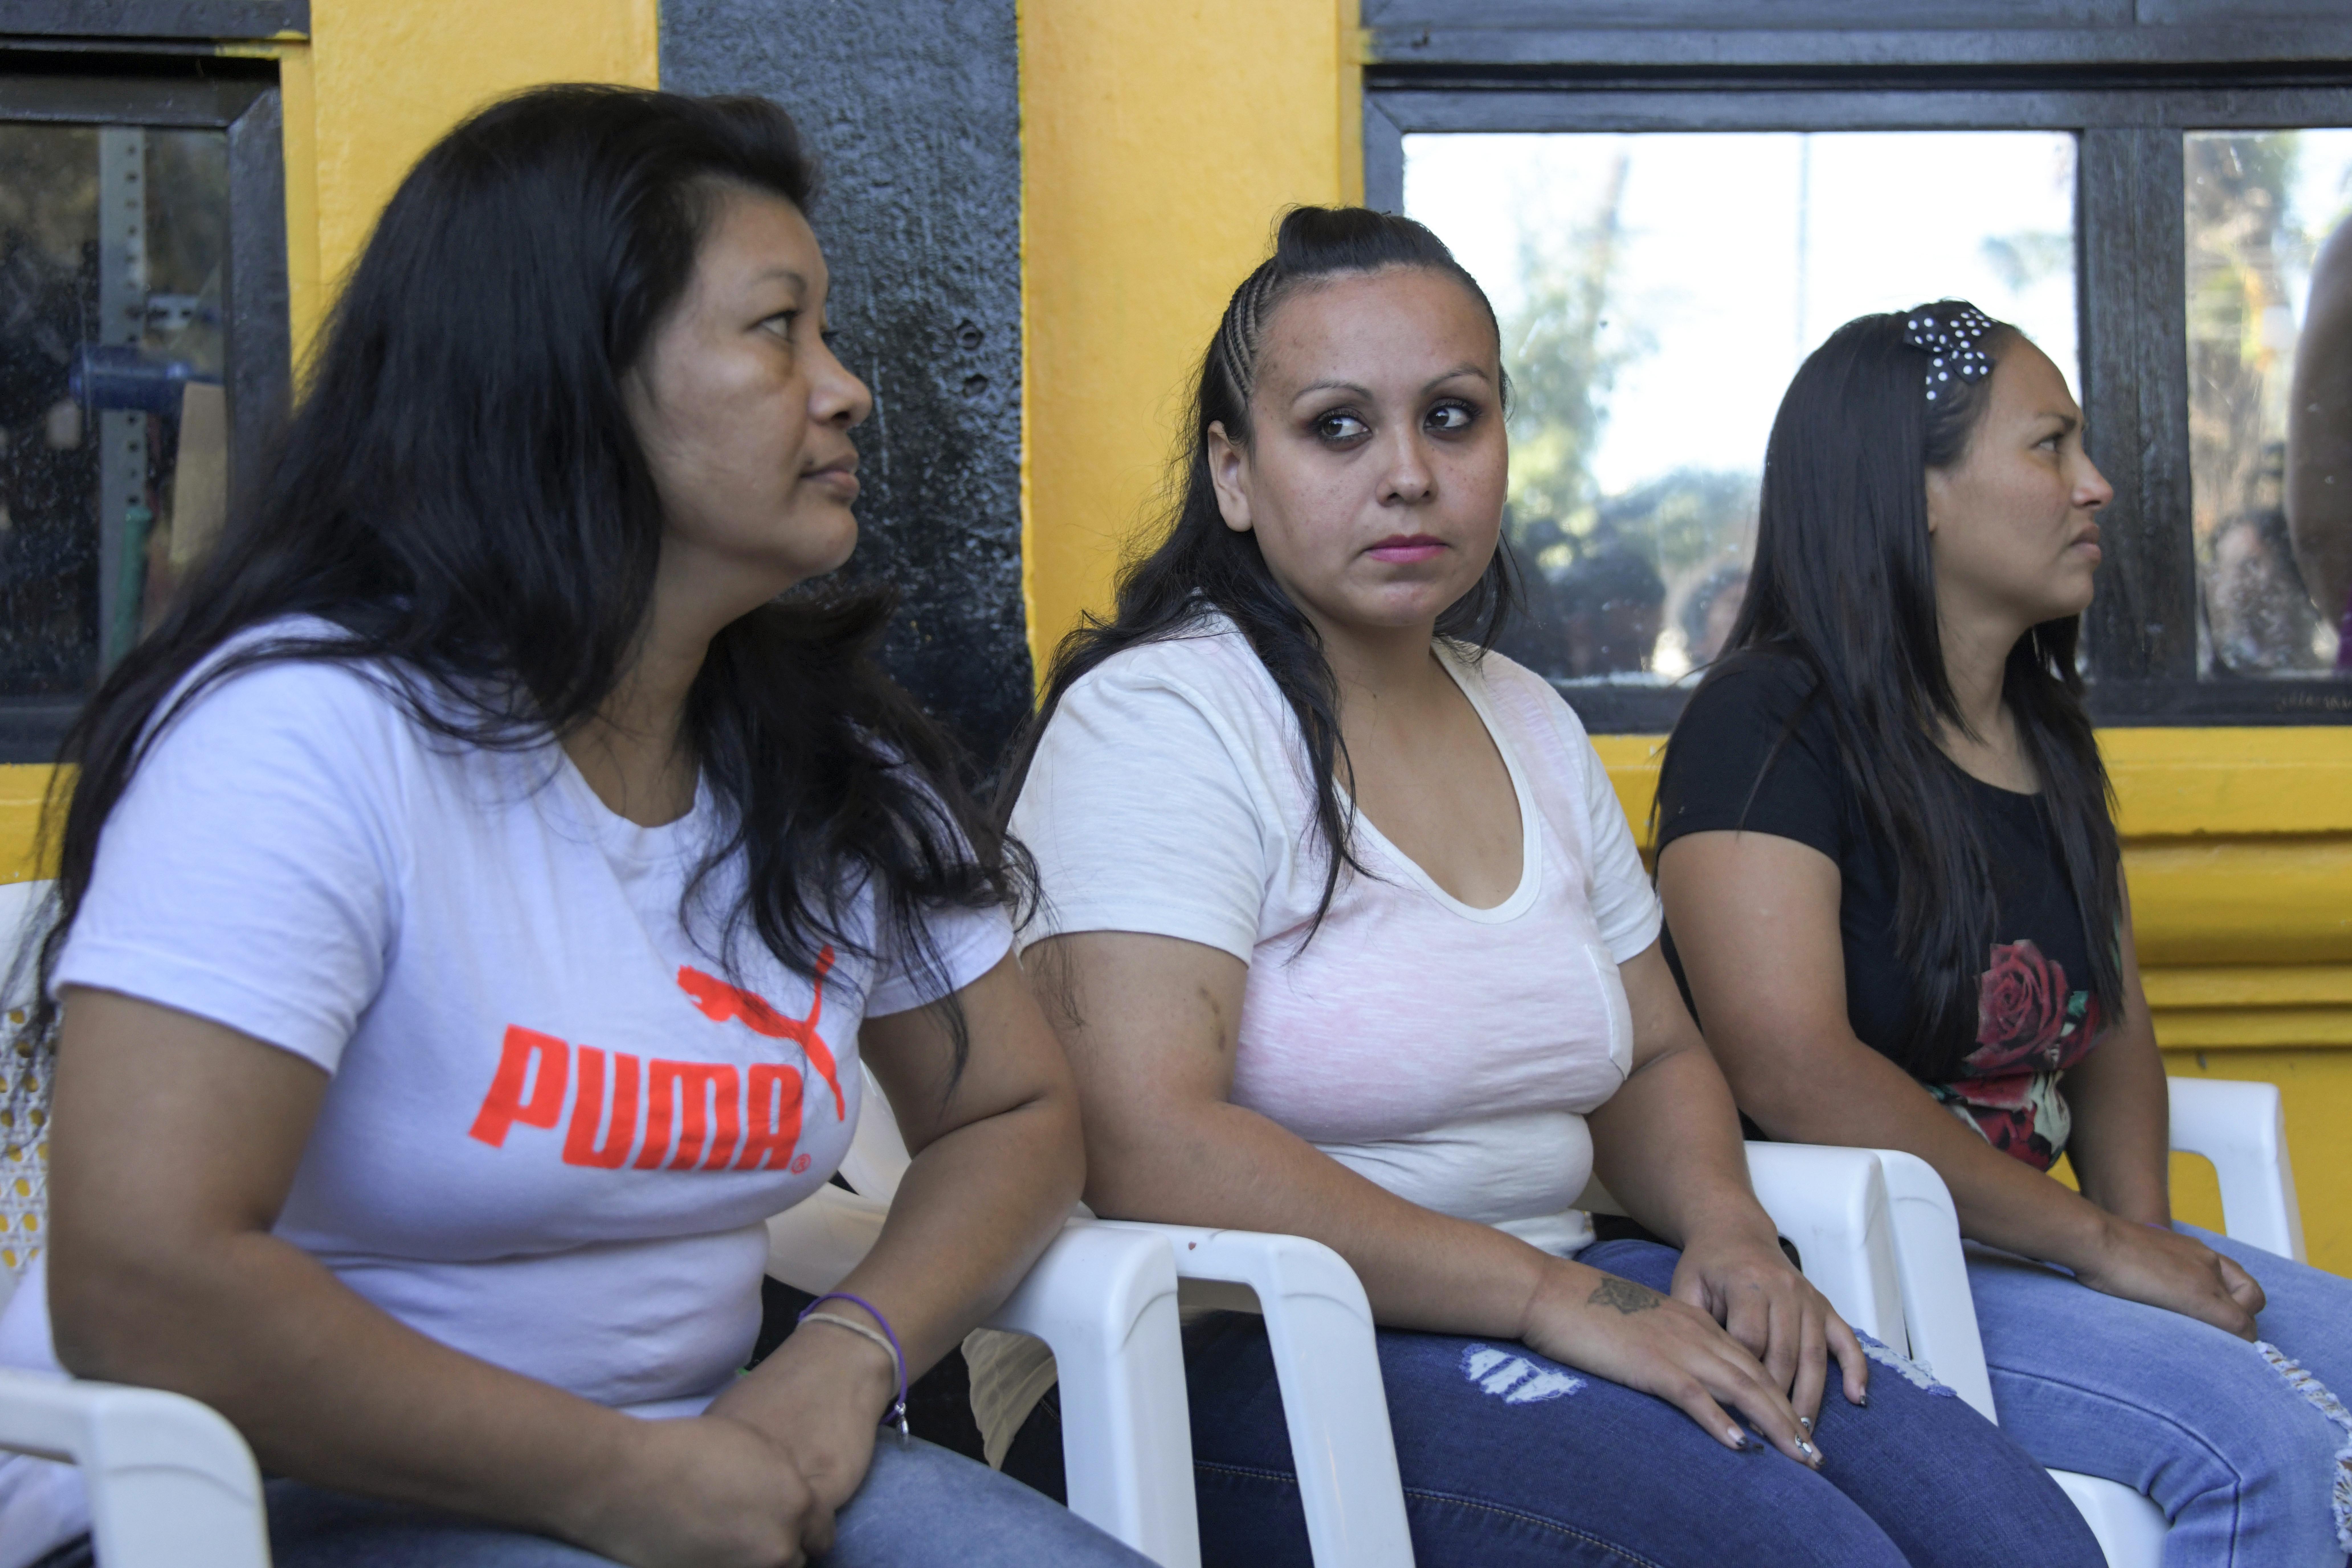 Több év után engedtek ki a börtönből három salvadori nőt, akiket abortusz miatt ítéltek el